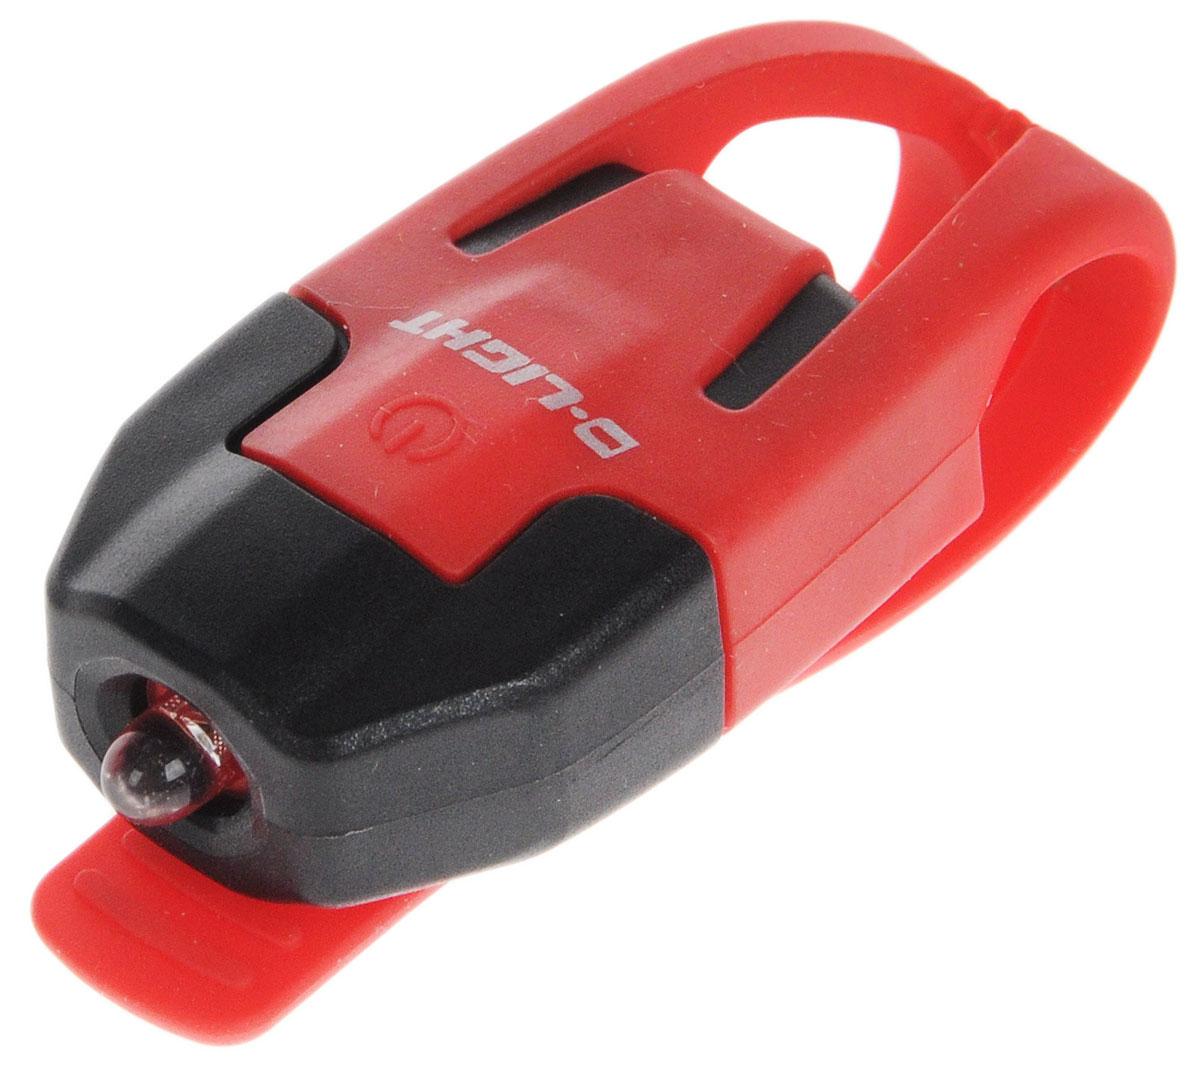 Фонарь велосипедный D-Light CG-210R, габаритный, задний, цвет: красный, черныйMW-1462-01-SR серебристыйЗадний габаритный велофонарь с рассеянным светом D-Light CG-210R предназначен для обеспечения большей безопасности при поездках в темное время суток. Он легко крепится и снимается без дополнительных инструментов на основу диаметром 18-32 мм. Корпус изделия выполнен из прочного пластика. Фонарь имеет 2 режима: мигание и постоянное свечение. Изделие водонепроницаемо.Фонарь питается от 1 батареи типа CR2032 (входит в комплект).Время свечения: 45 ч.Время мигания: 85 ч.Размер фонаря (без учета крепления): 4 х 2,5 х 1,3 см.